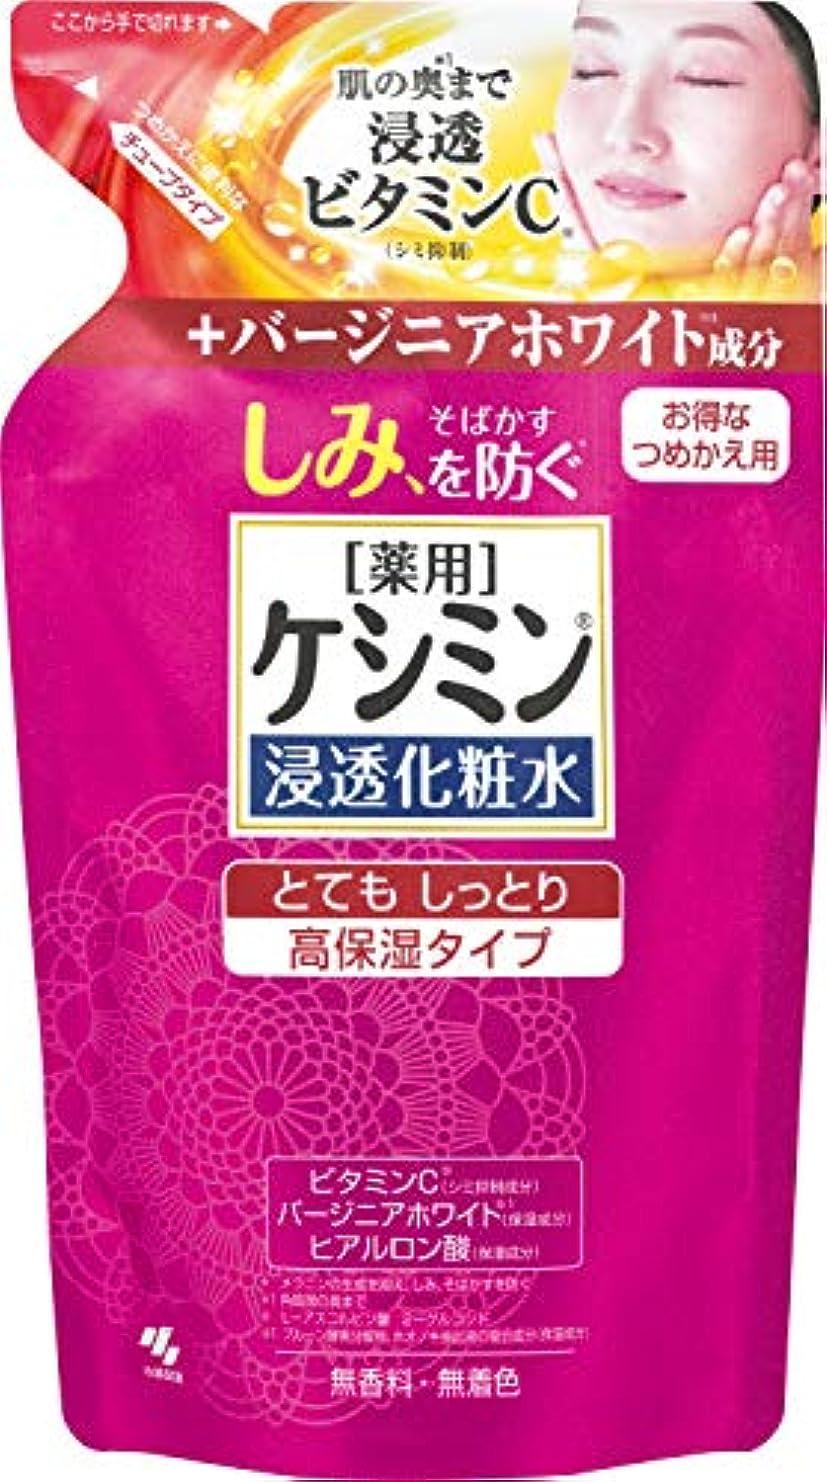 に変わる処方有限ケシミン浸透化粧水 とてもしっとり 詰め替え用 シミを防ぐ 140ml 【医薬部外品】